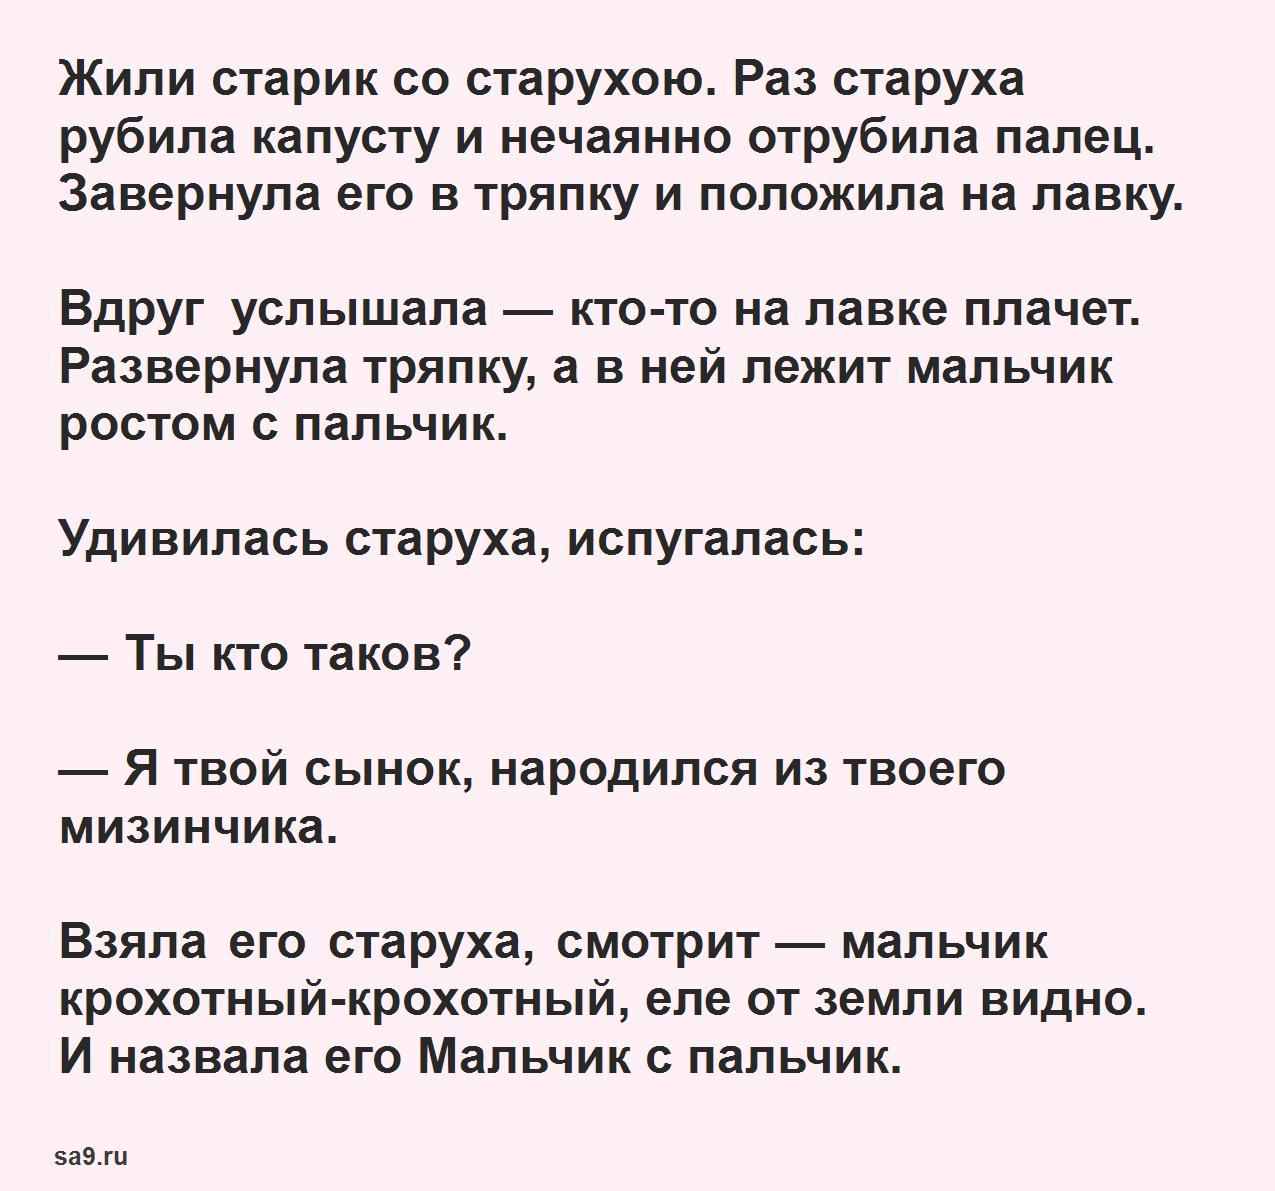 Мальчик с пальчик - русская народная сказка